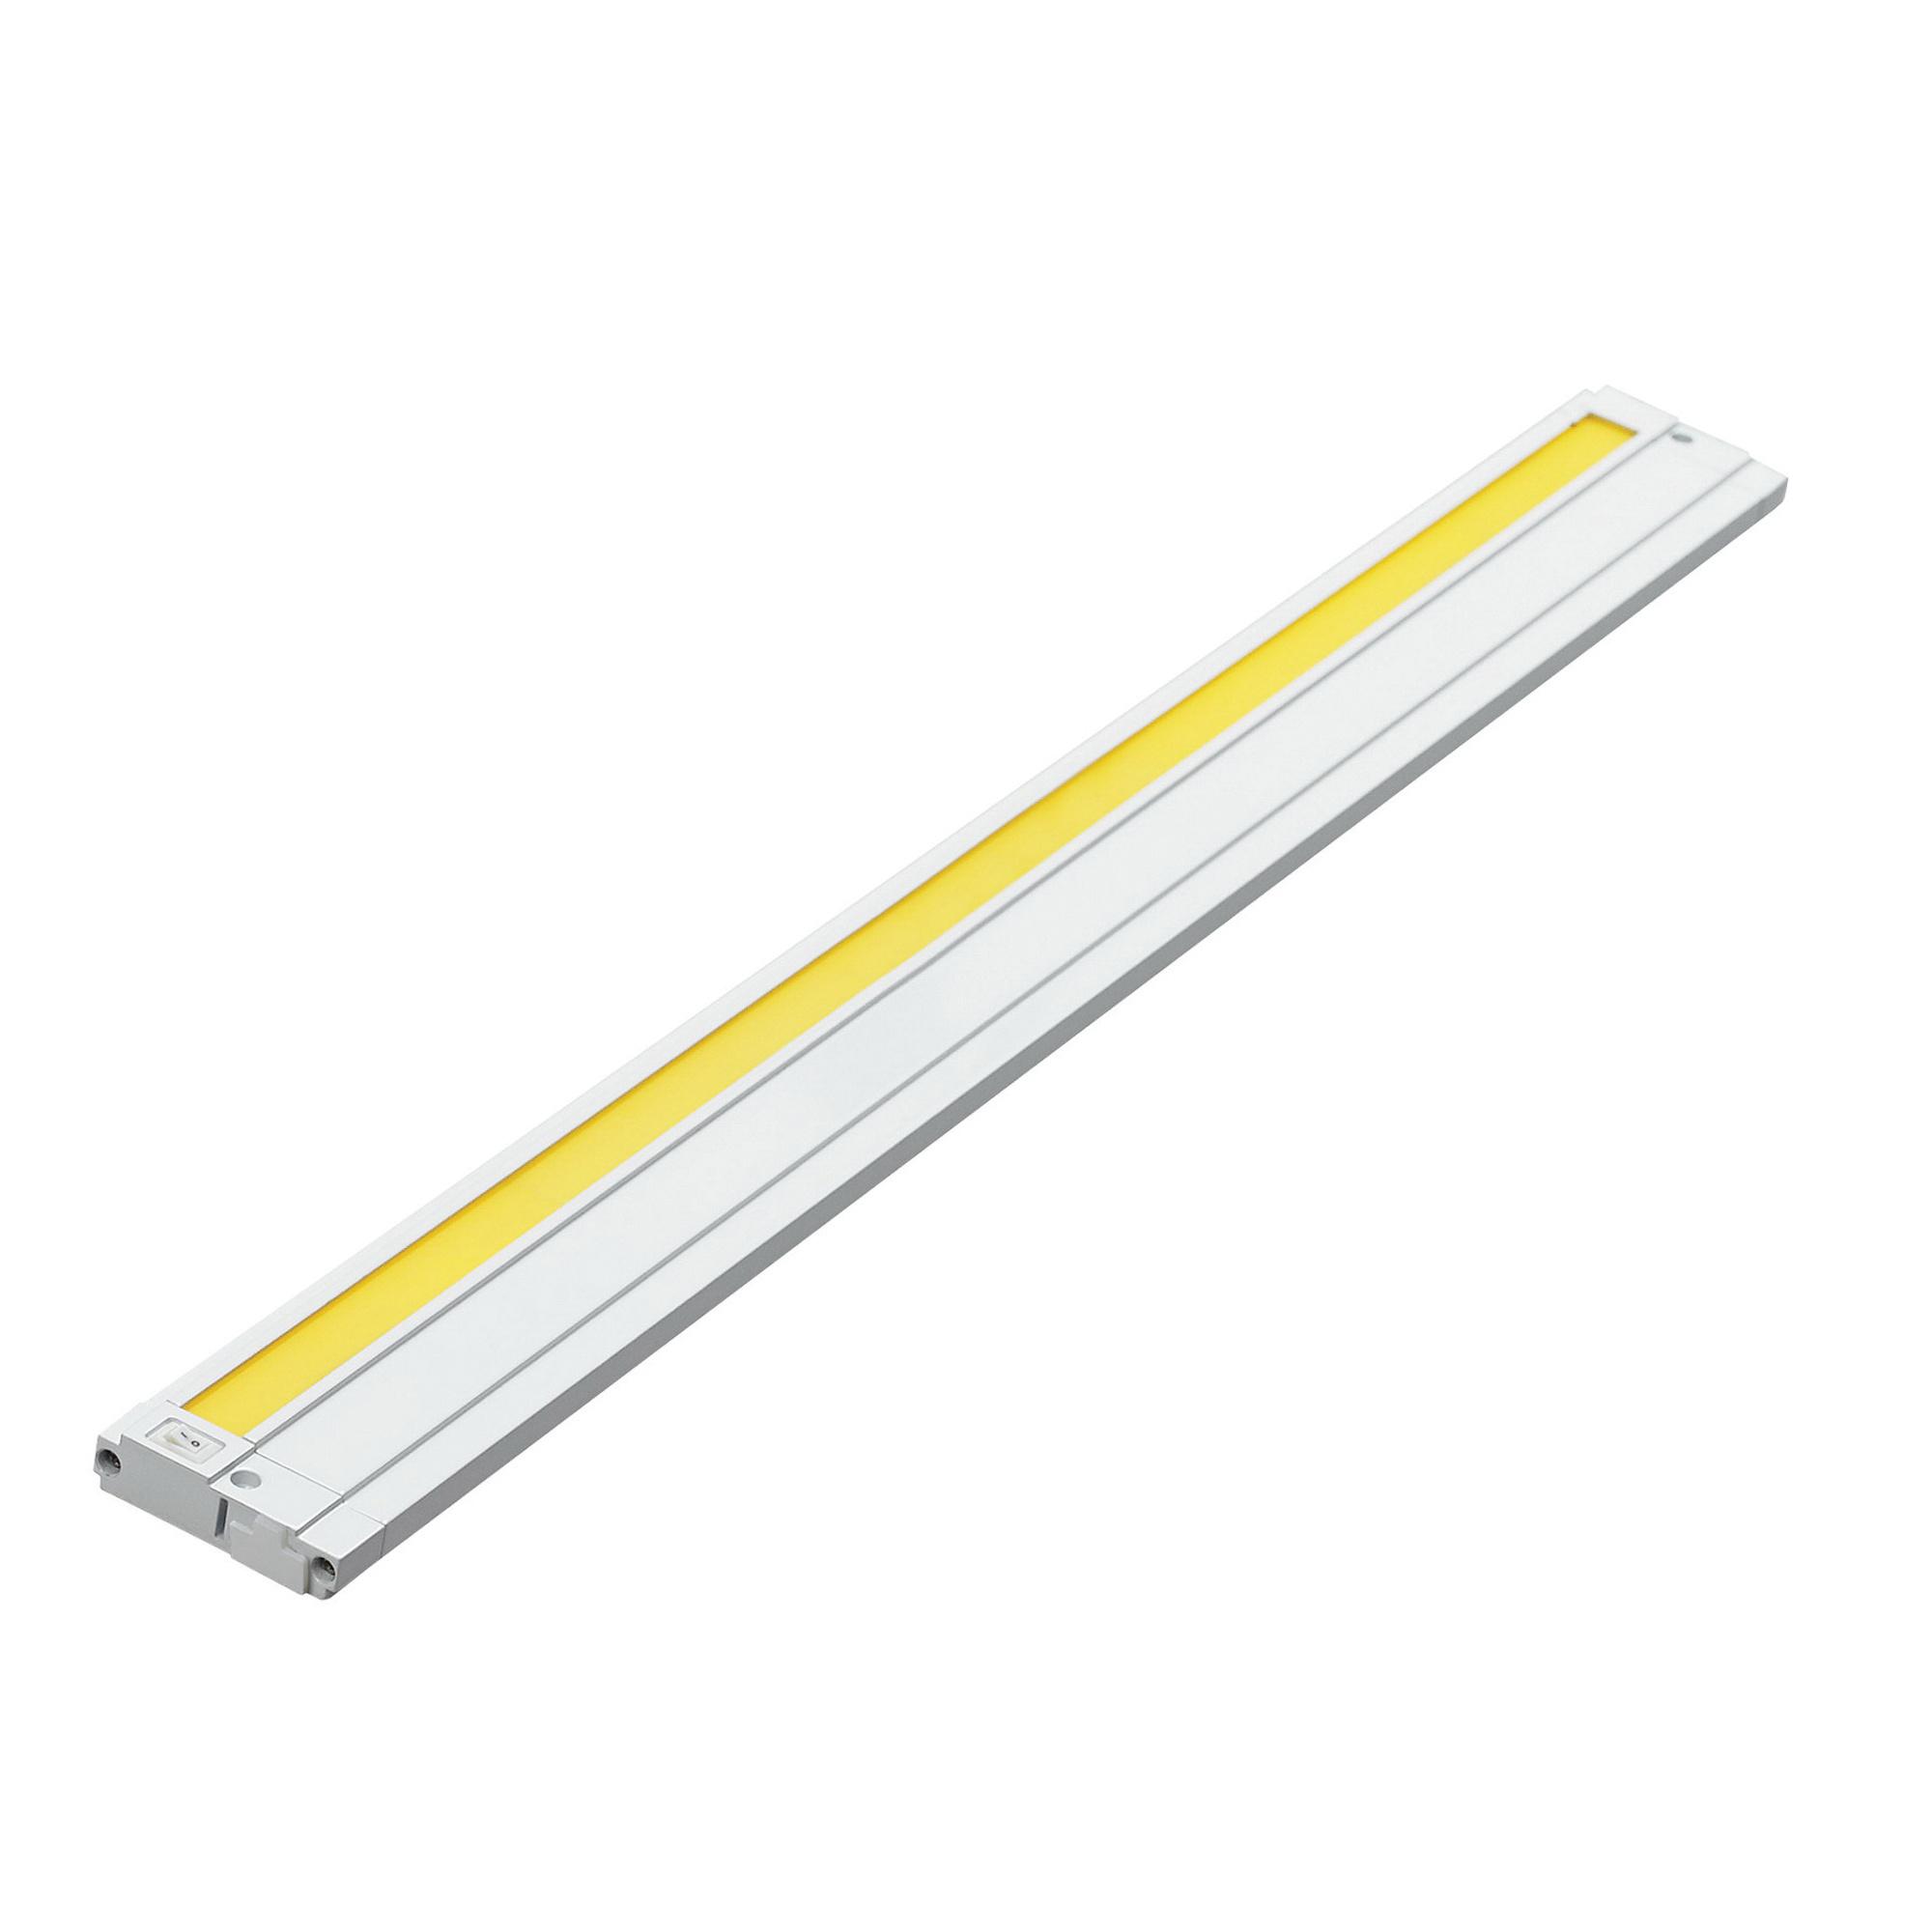 Tech Lighting 700UCF1995W-LED LED Under Cabinet Light Fixture 10.5 Watt 120 Volt 3500K White Unilume LED Slimline